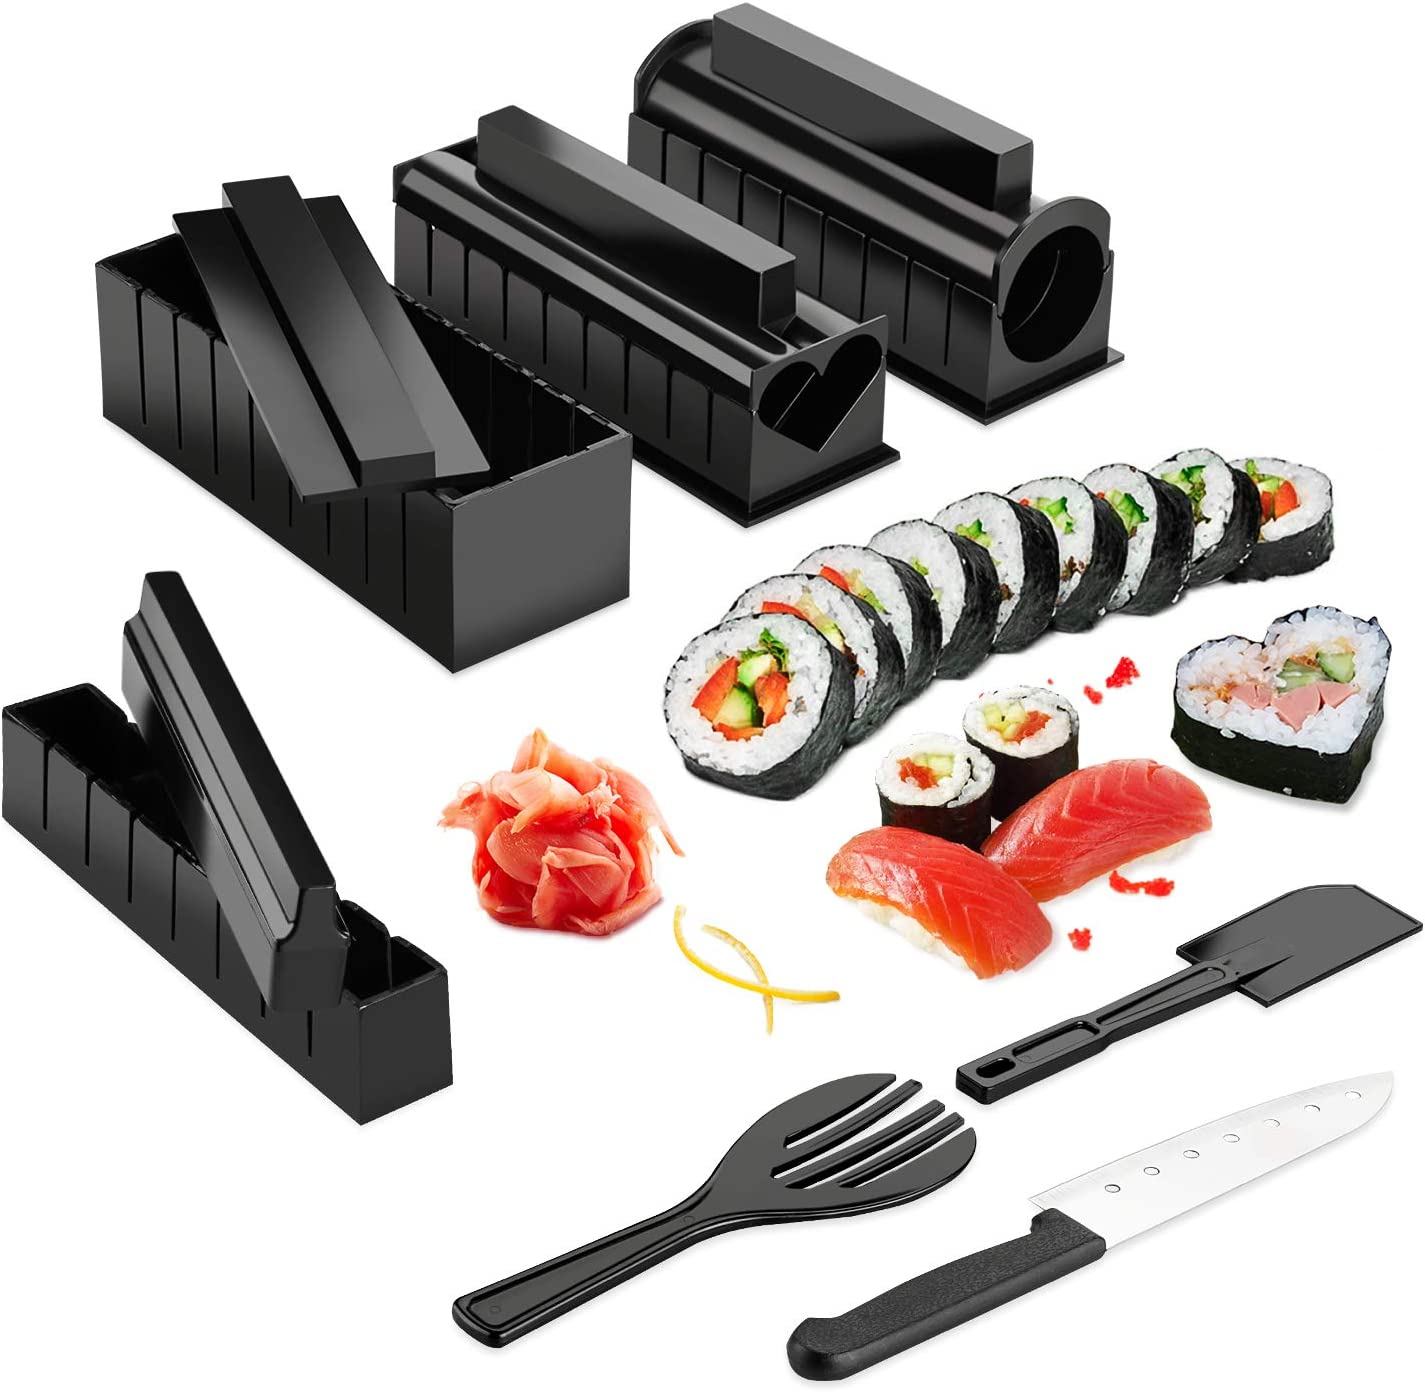 [Version améliorée] AGPTEK Sushi Maker Kit 11 pièces, Appareils et Moules à Sushi avec un Couteau de Super Qualité, Kit Sushi préparation pour sushi, facile à nettoyer